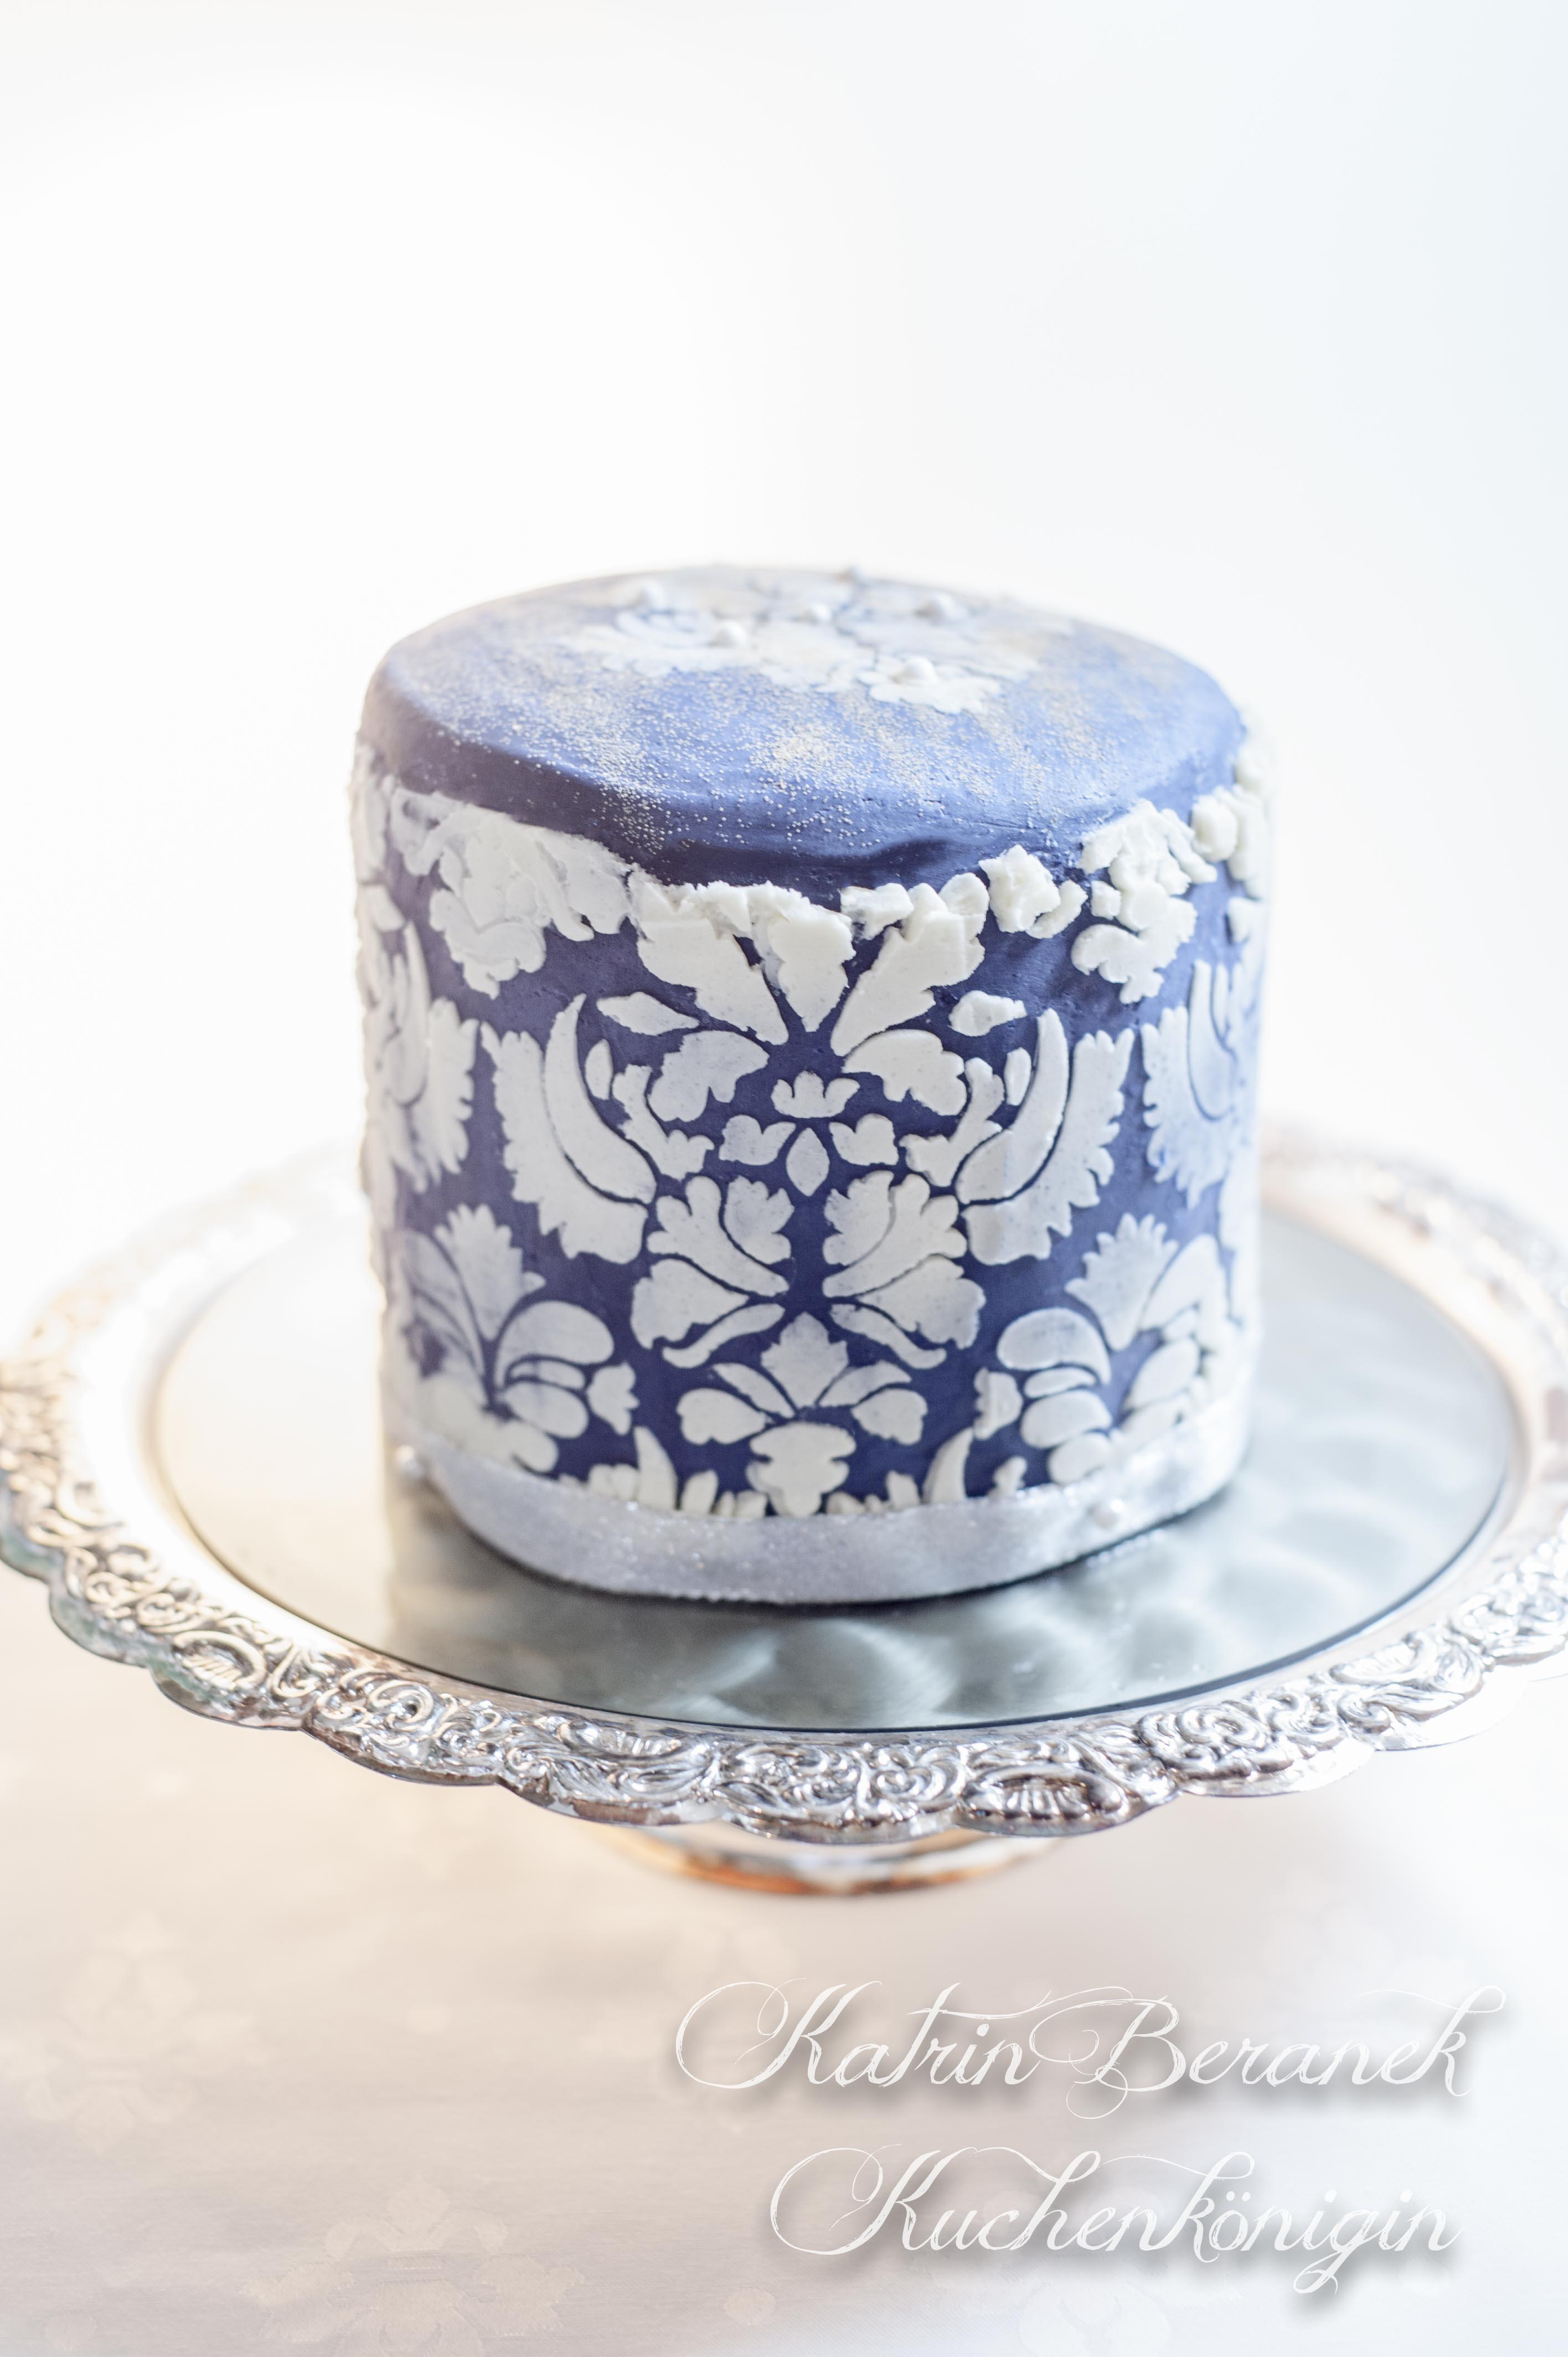 Kuchenönigin Cake Stencil Technik Schablone Torte Backen Tutorial Rezept Buttercreme